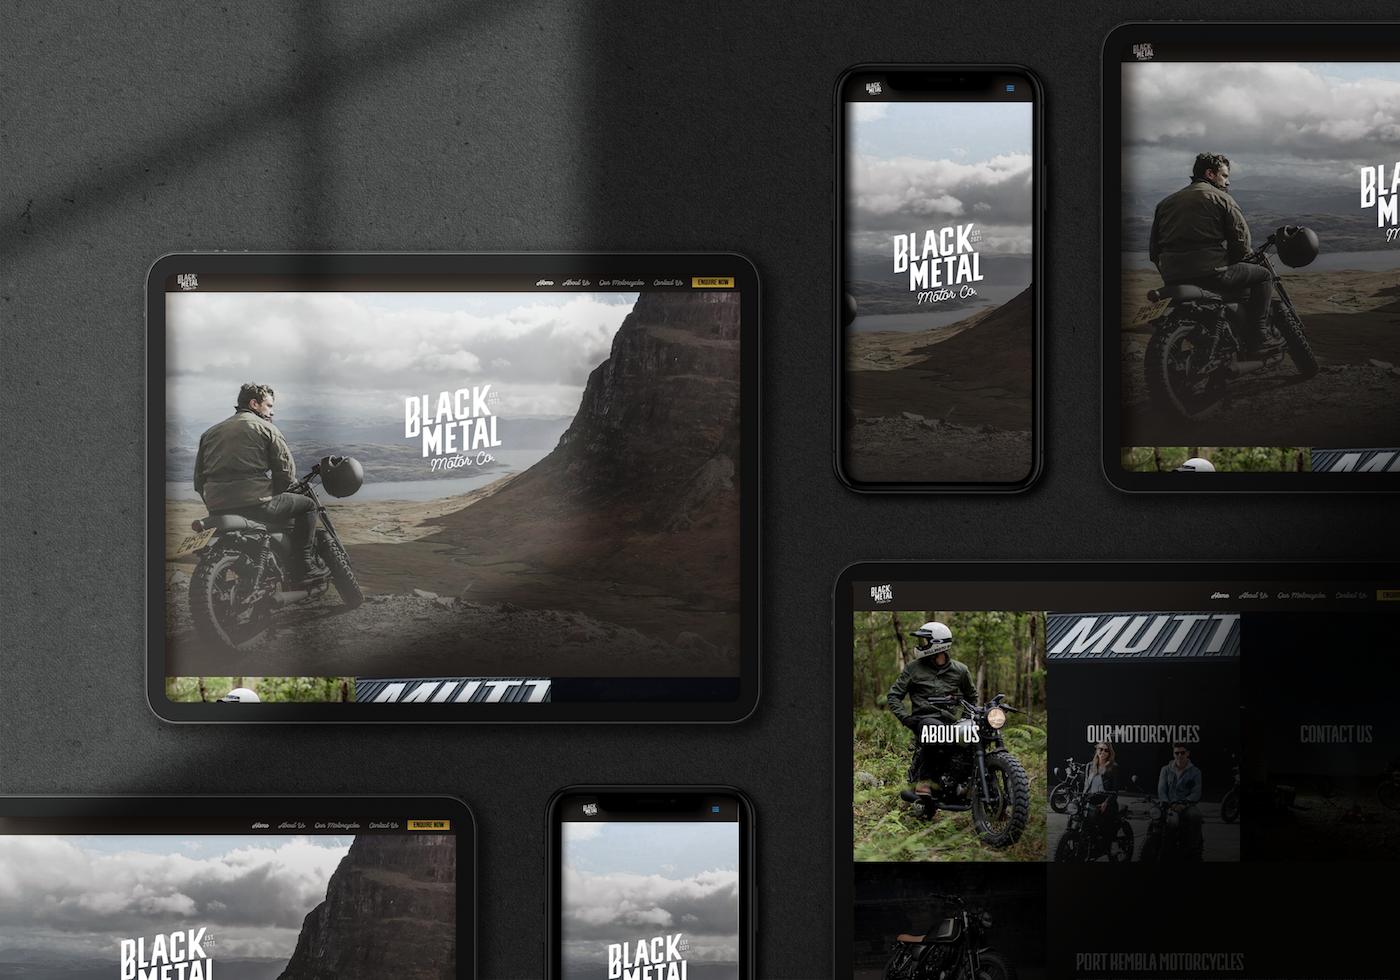 Website Design For Motorcycle Retailer